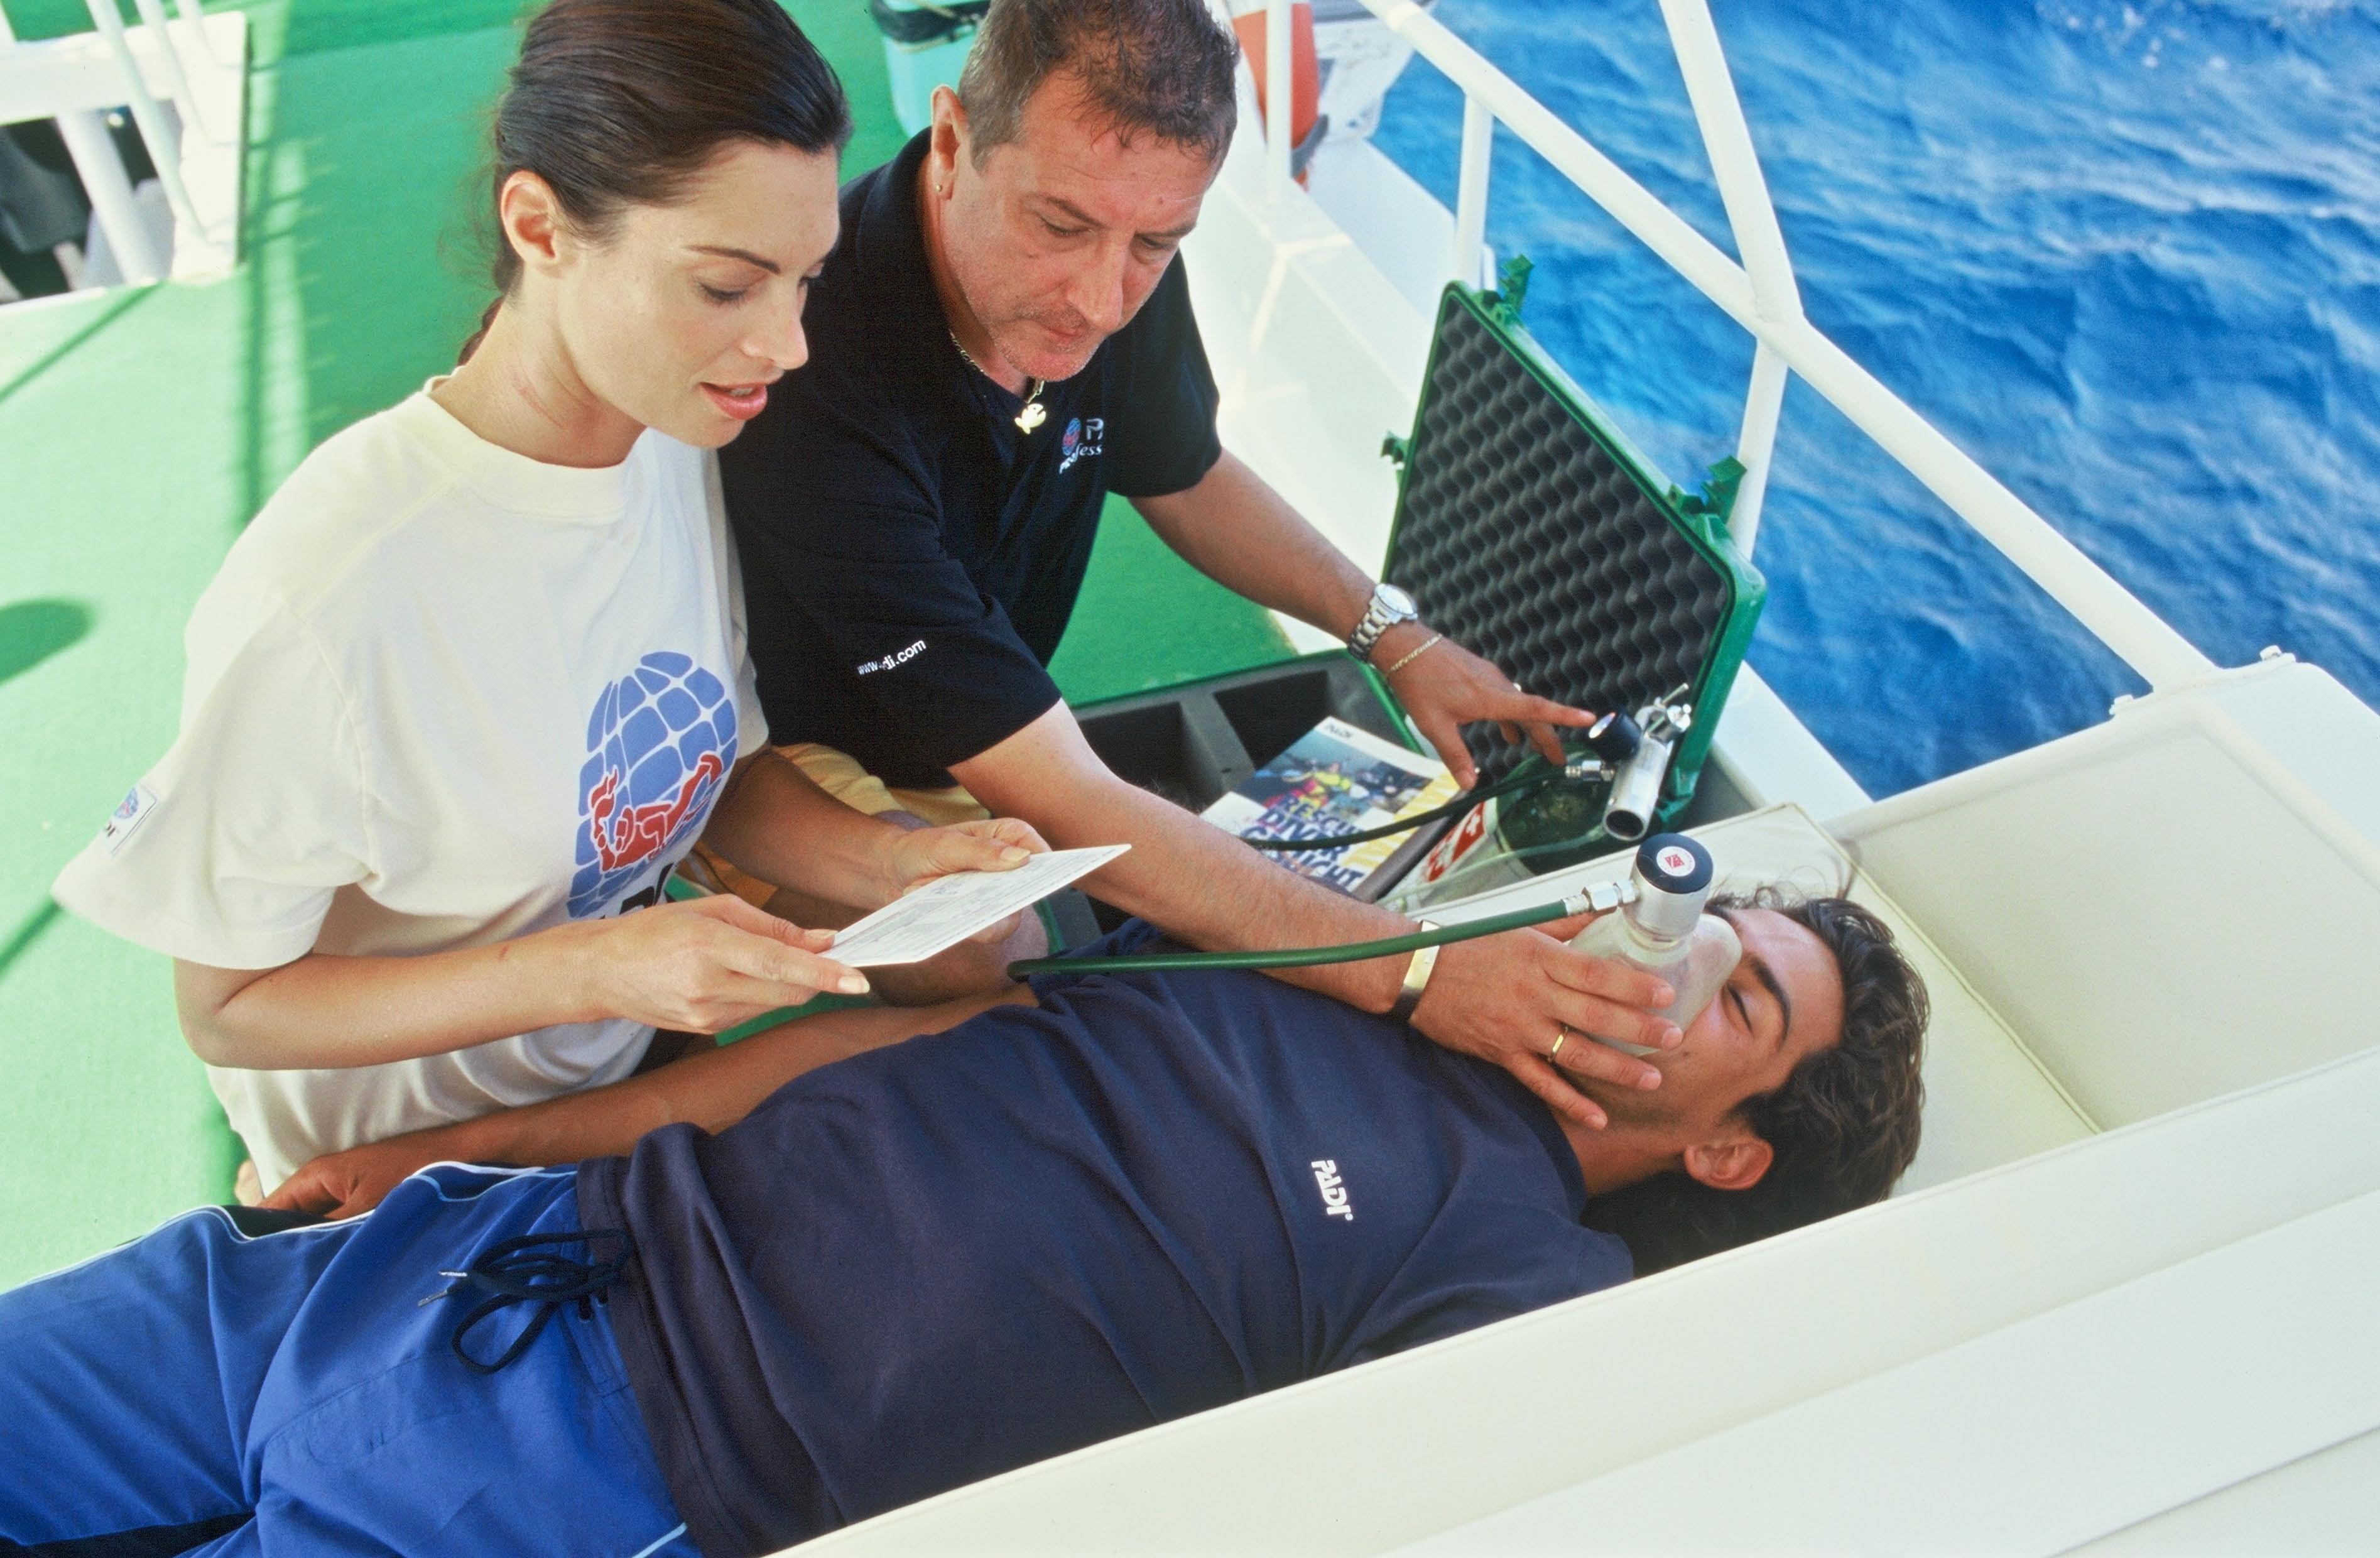 Первая помощь First aid.jpeg